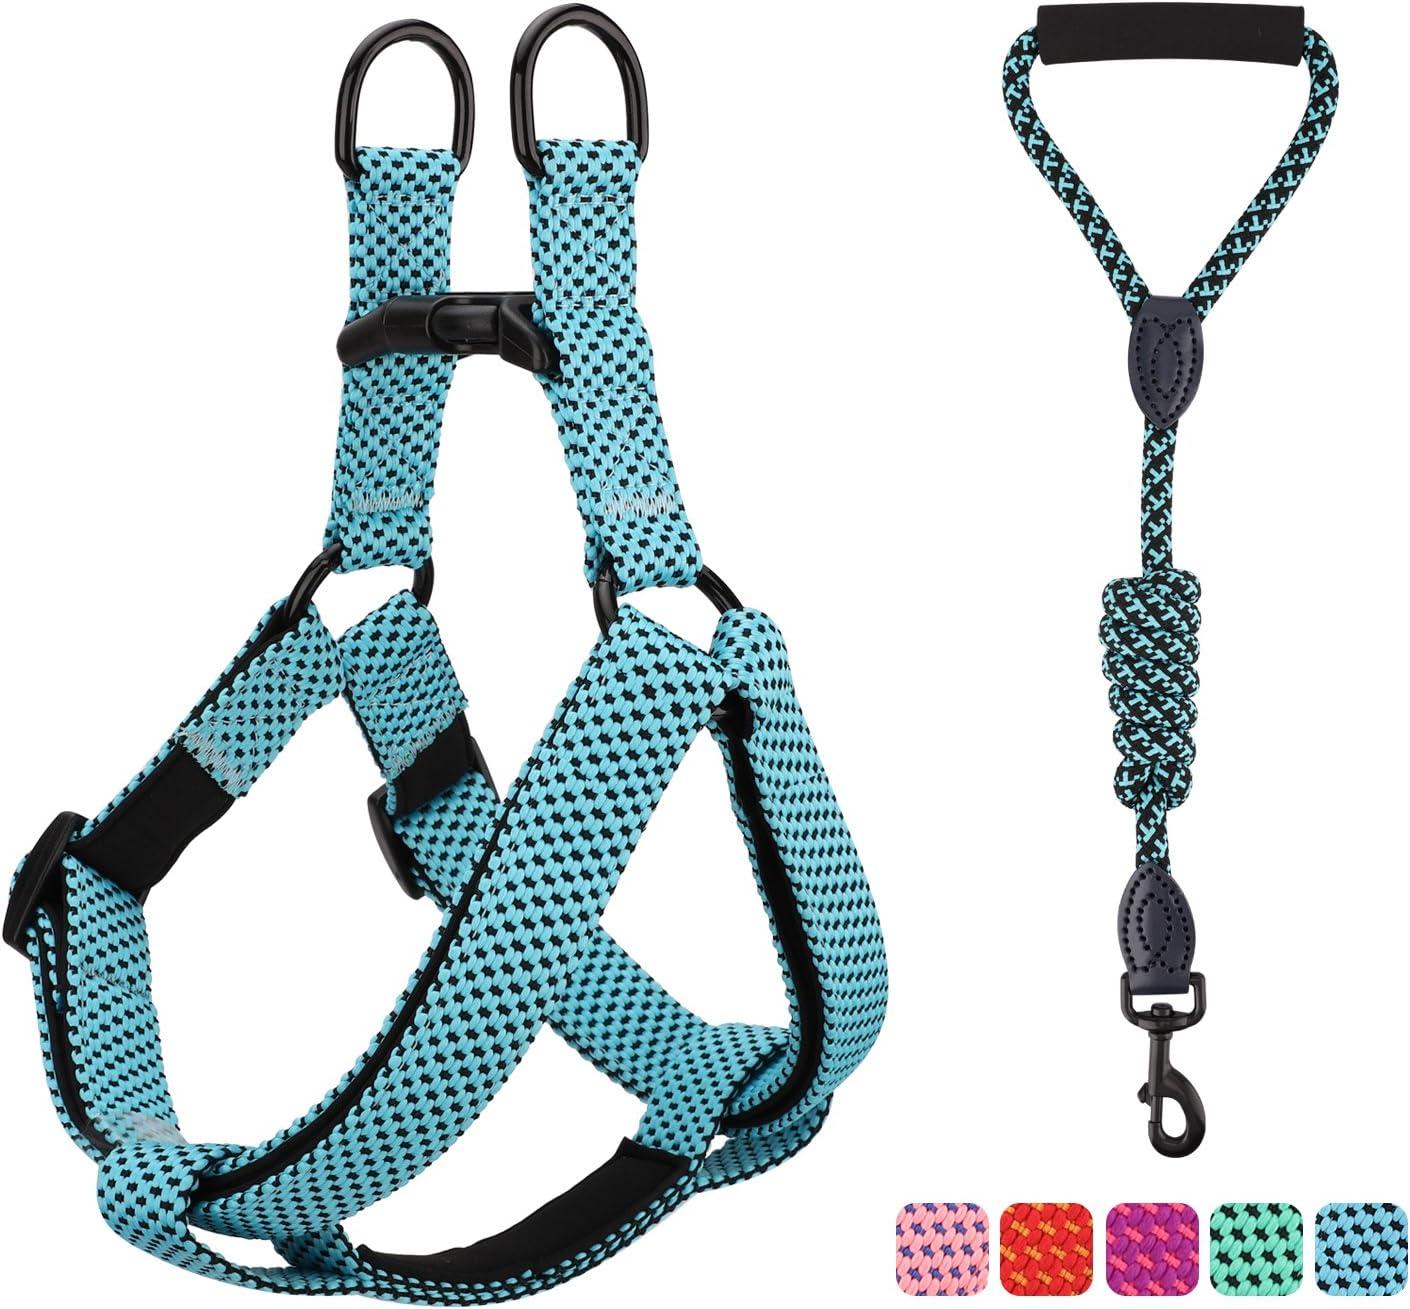 Pawaboo Kit de Correa y Arnés para Perro, Ajustable Cuerda y Arnés del Chaleco para Cachorro para Entrenamiento pasear Correr con su Mascota, Talla L - Azul: Amazon.es: Productos para mascotas